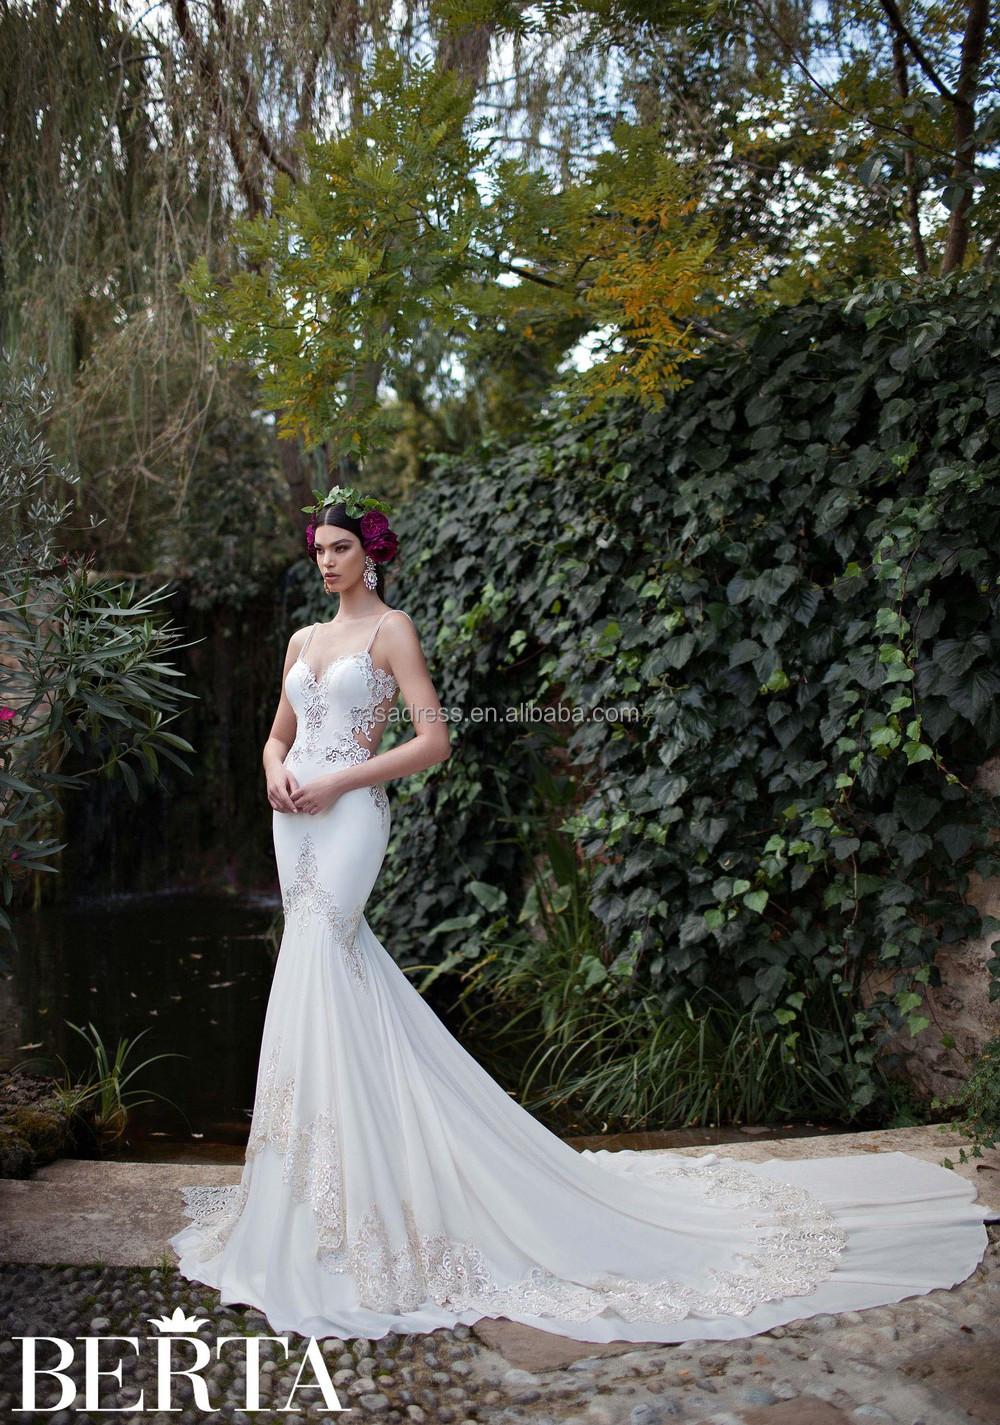 73af5eb341a2 Latest Modern High Quality Sexy Mermaid Wedding Dress Berta Bridal Low Back  Sheer Lace Appliqued Wedding